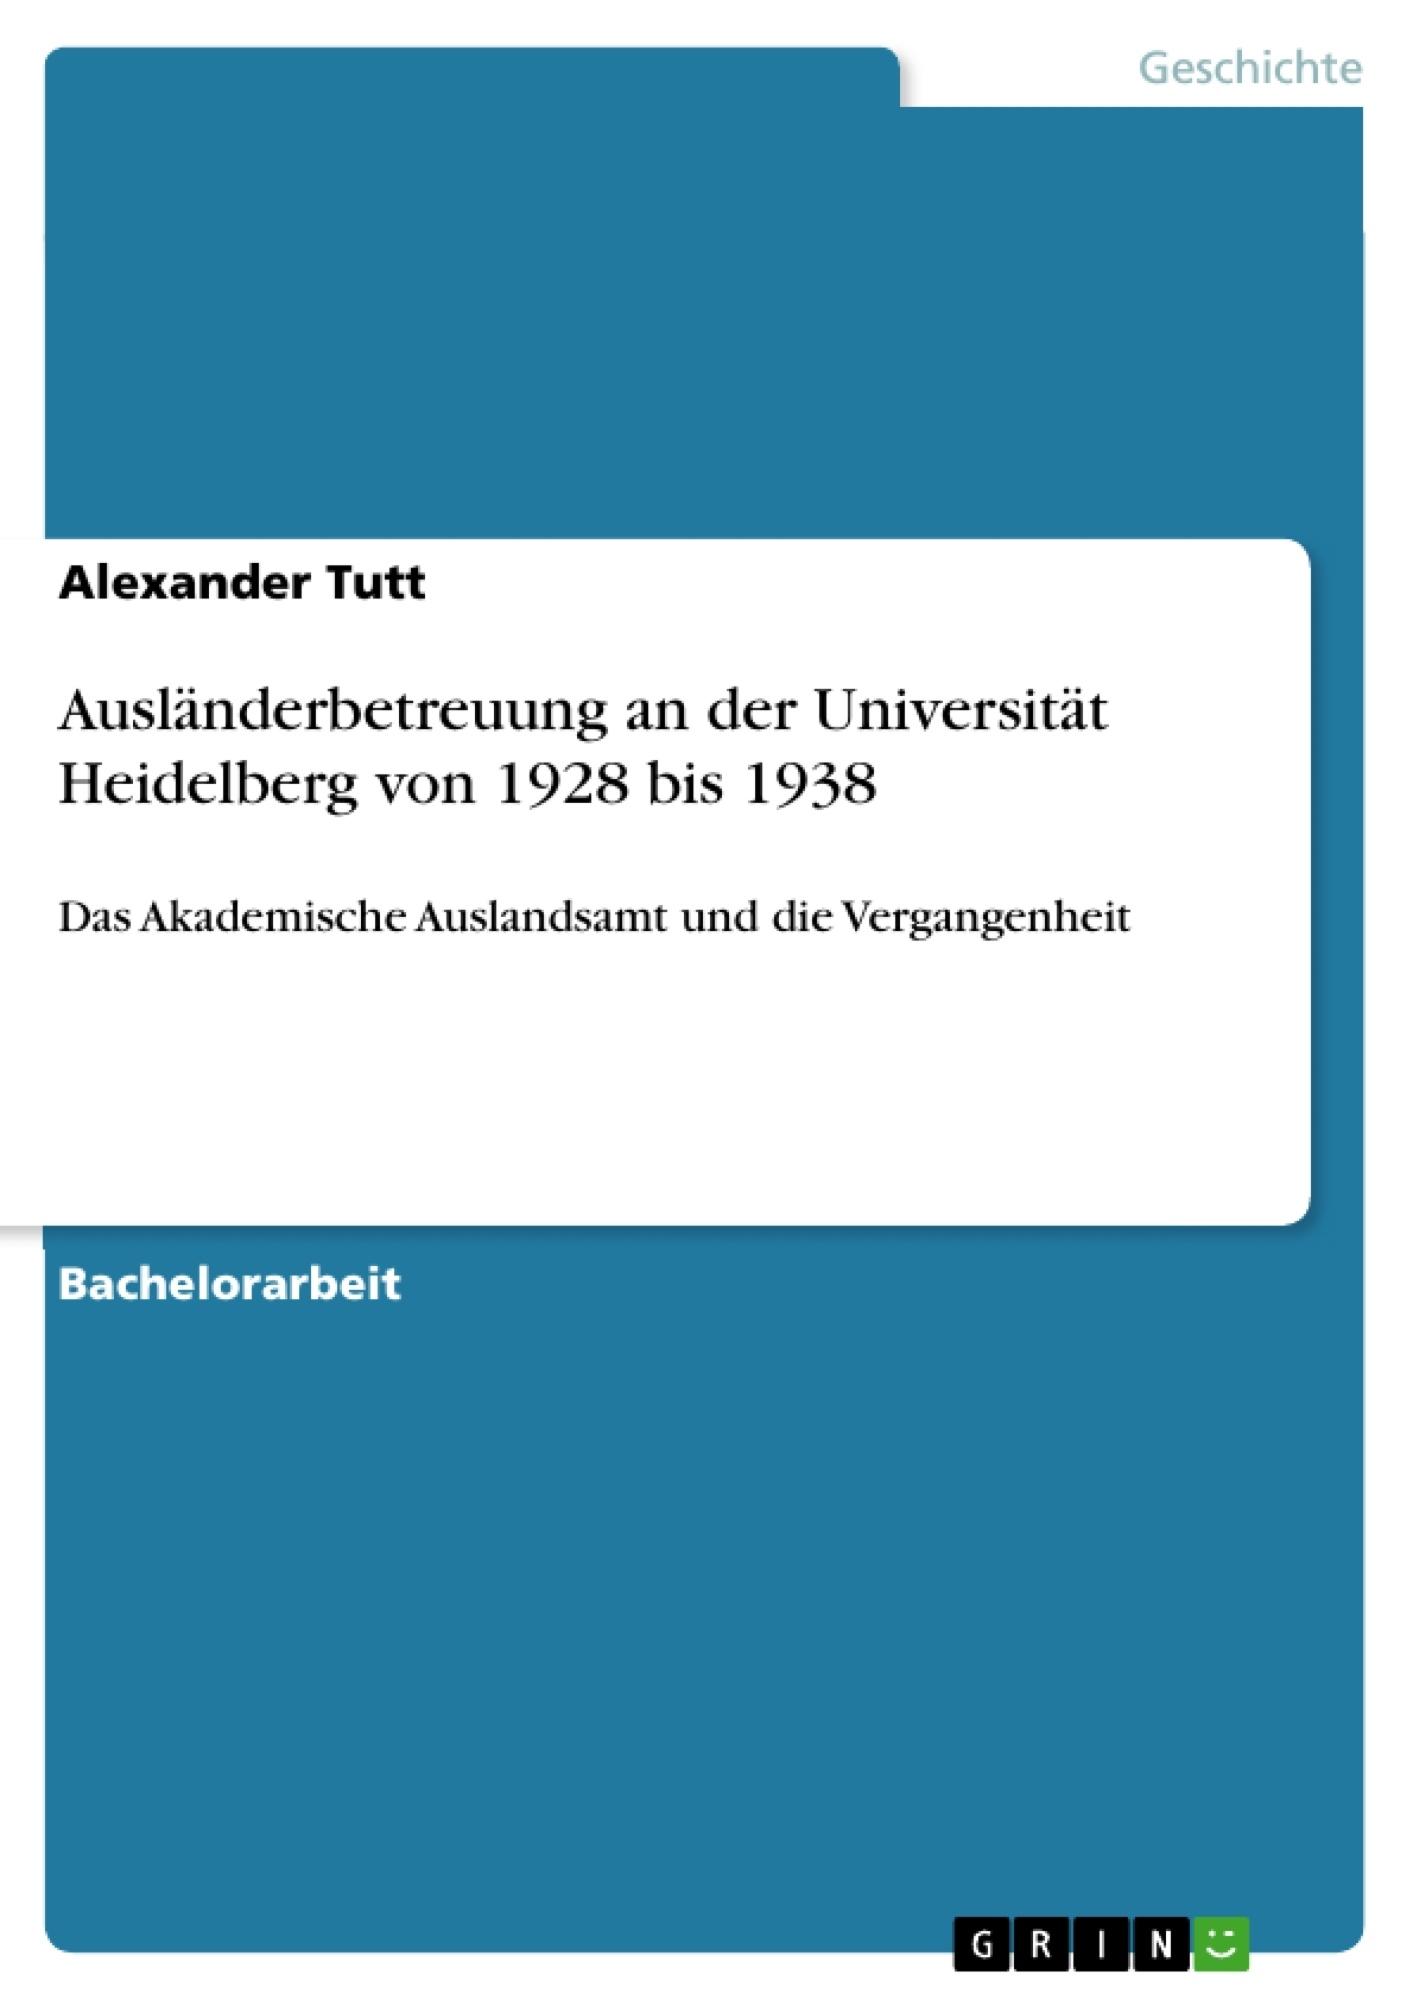 Titel: Ausländerbetreuung an der Universität Heidelberg von 1928 bis 1938